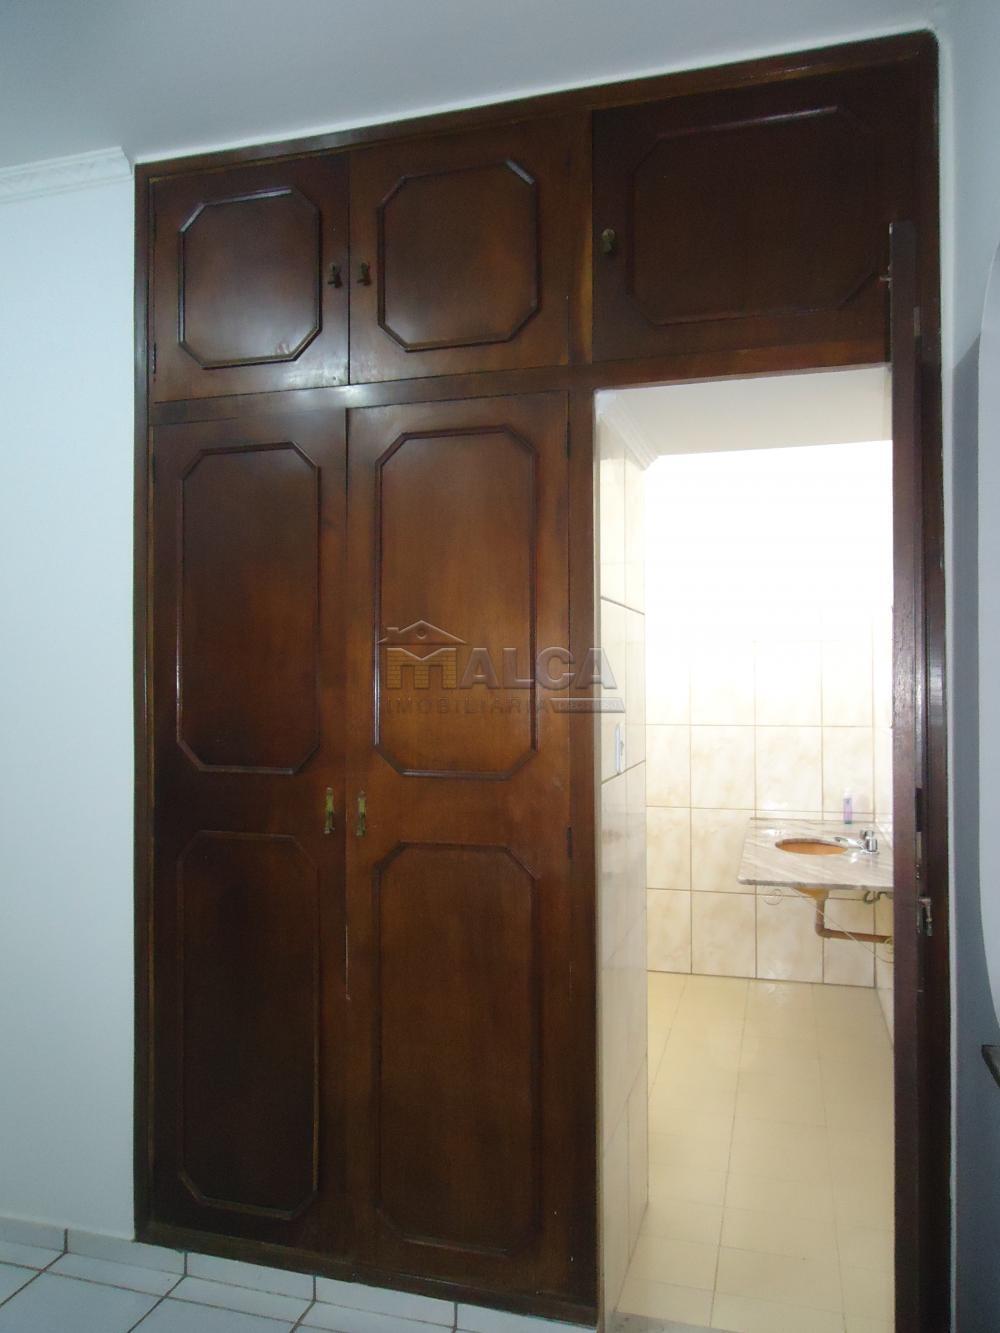 Alugar Casas / Padrão em São José do Rio Pardo apenas R$ 5.500,00 - Foto 22